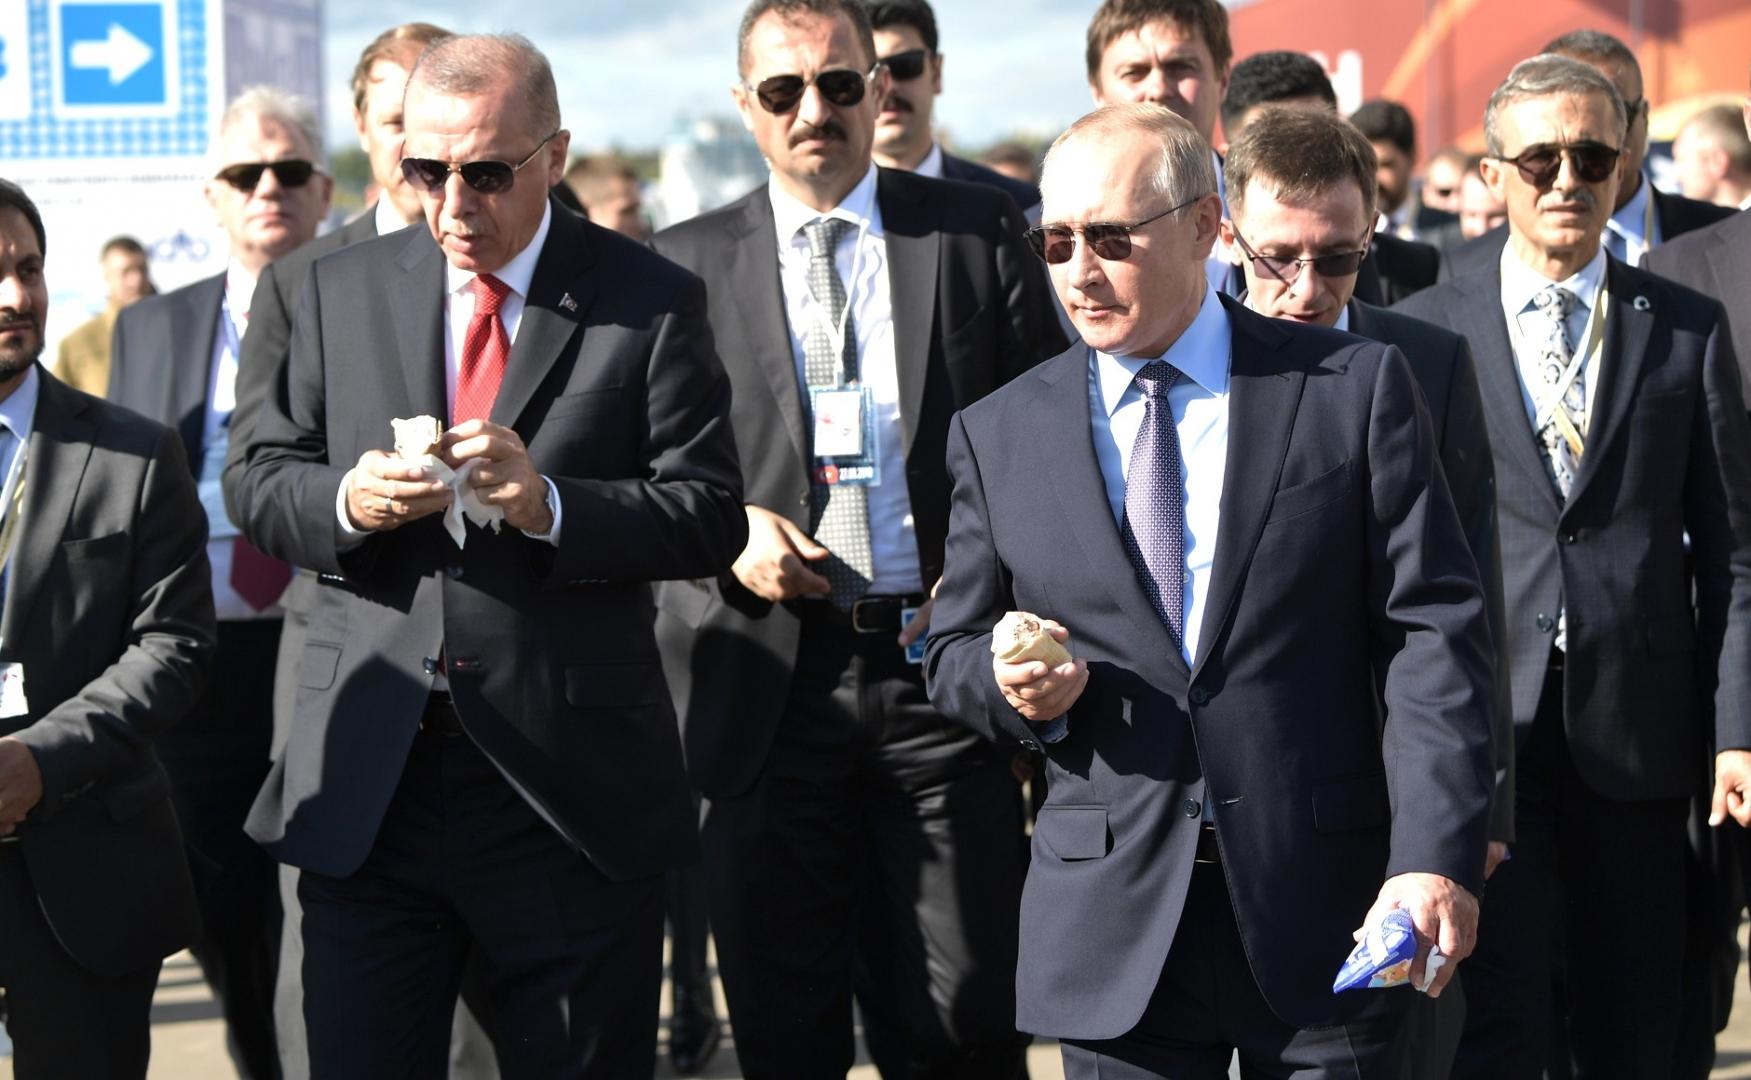 Владимир Путин и Реджеп Тайип Эрдоган во время посещения Международного авиационно-космического салона «МАКС-2019». 27 августа 2019 года, Московская область, Жуковский